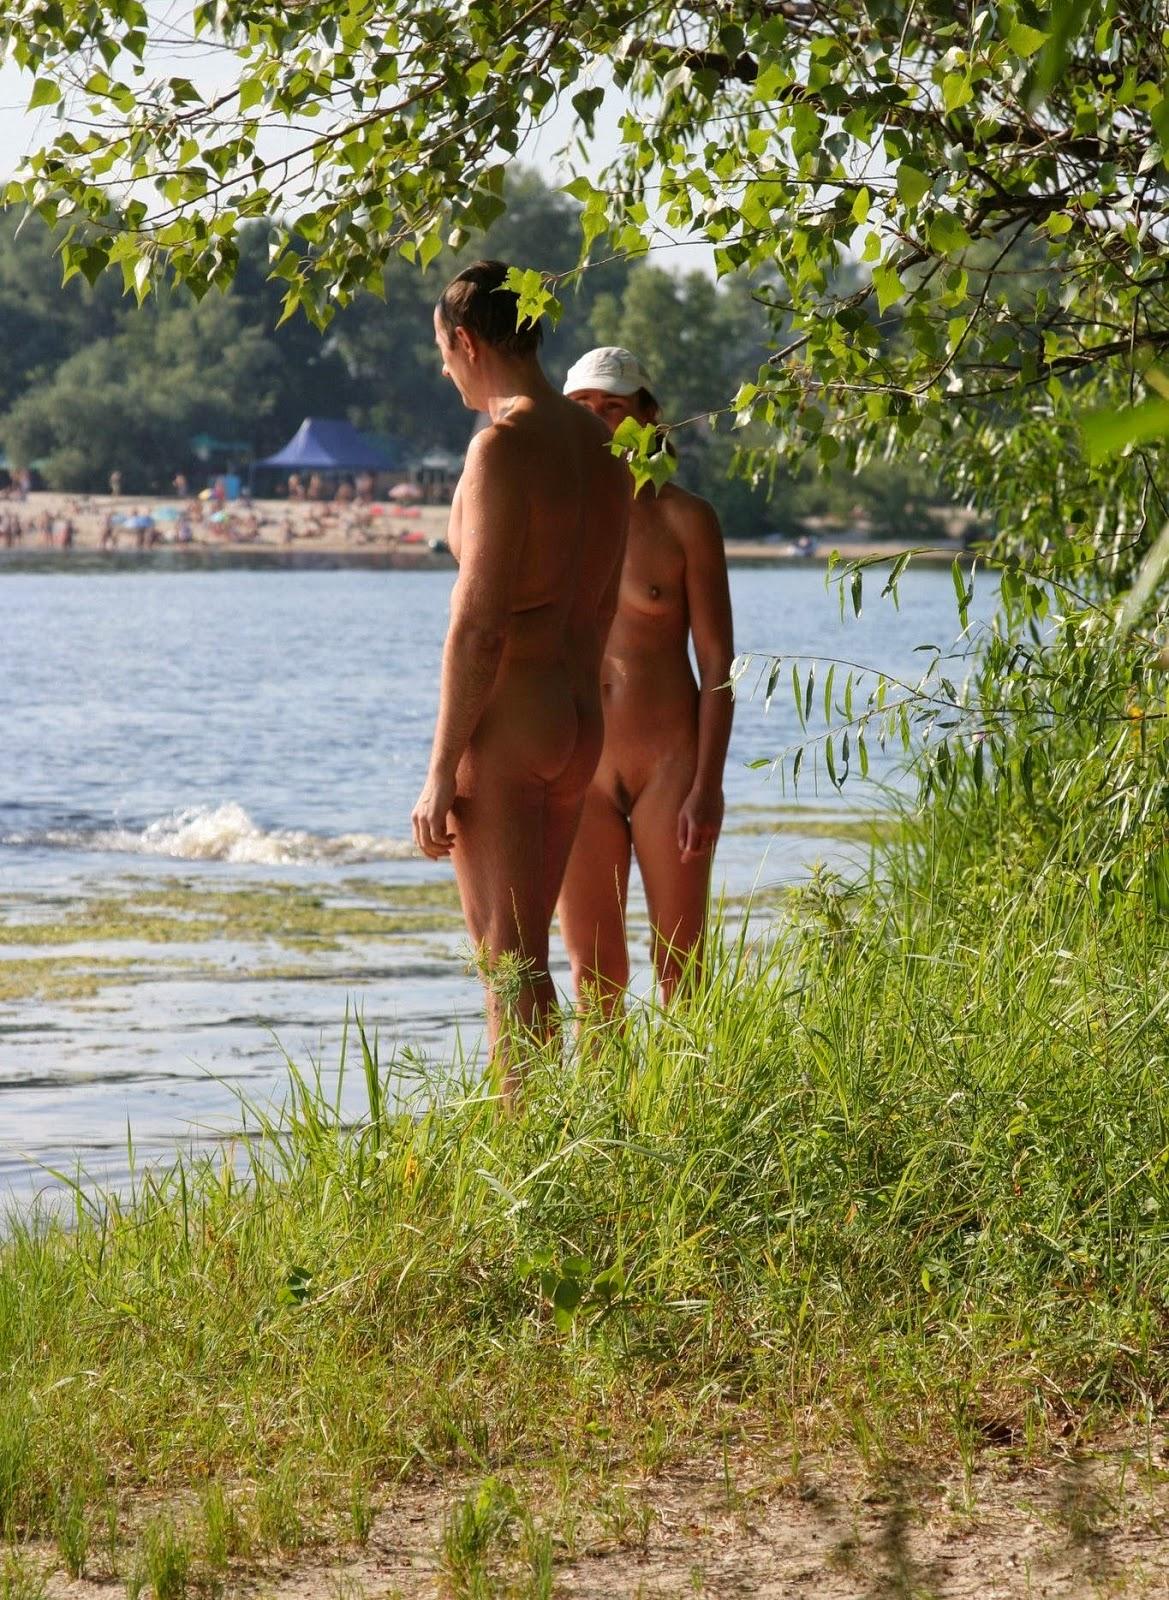 Hot nude dirt bikr girls